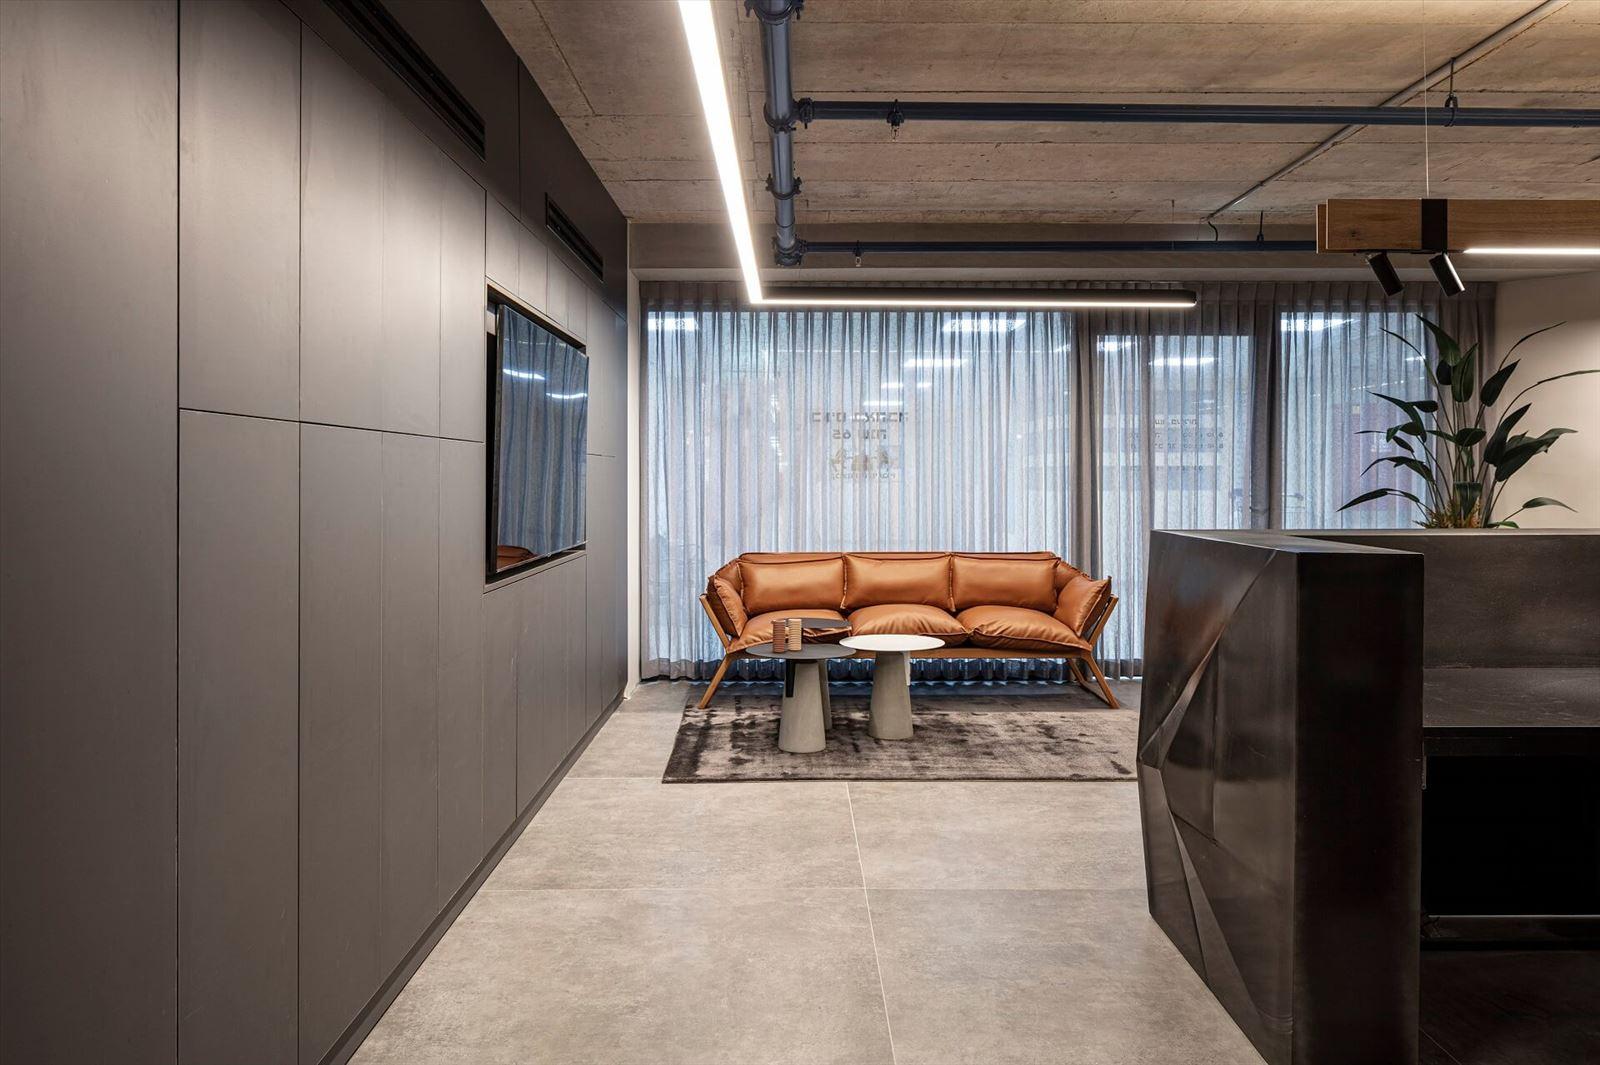 פרויקט תאורת תקרה במשרדי מזרחי ובניו